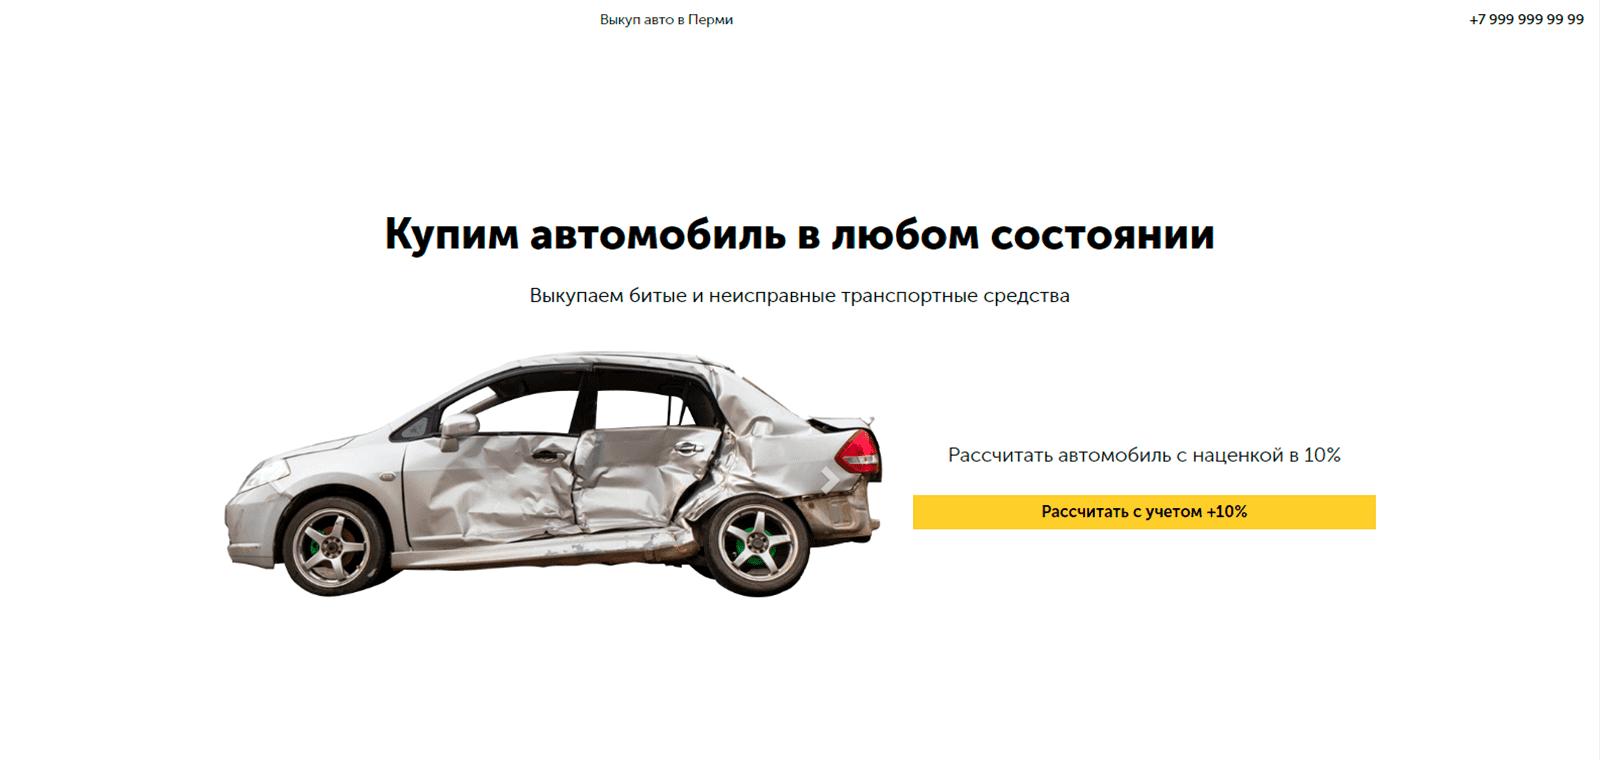 Выкуп авто в любом состоянииСтоимость заявки:405 руб.Конверсия:7%